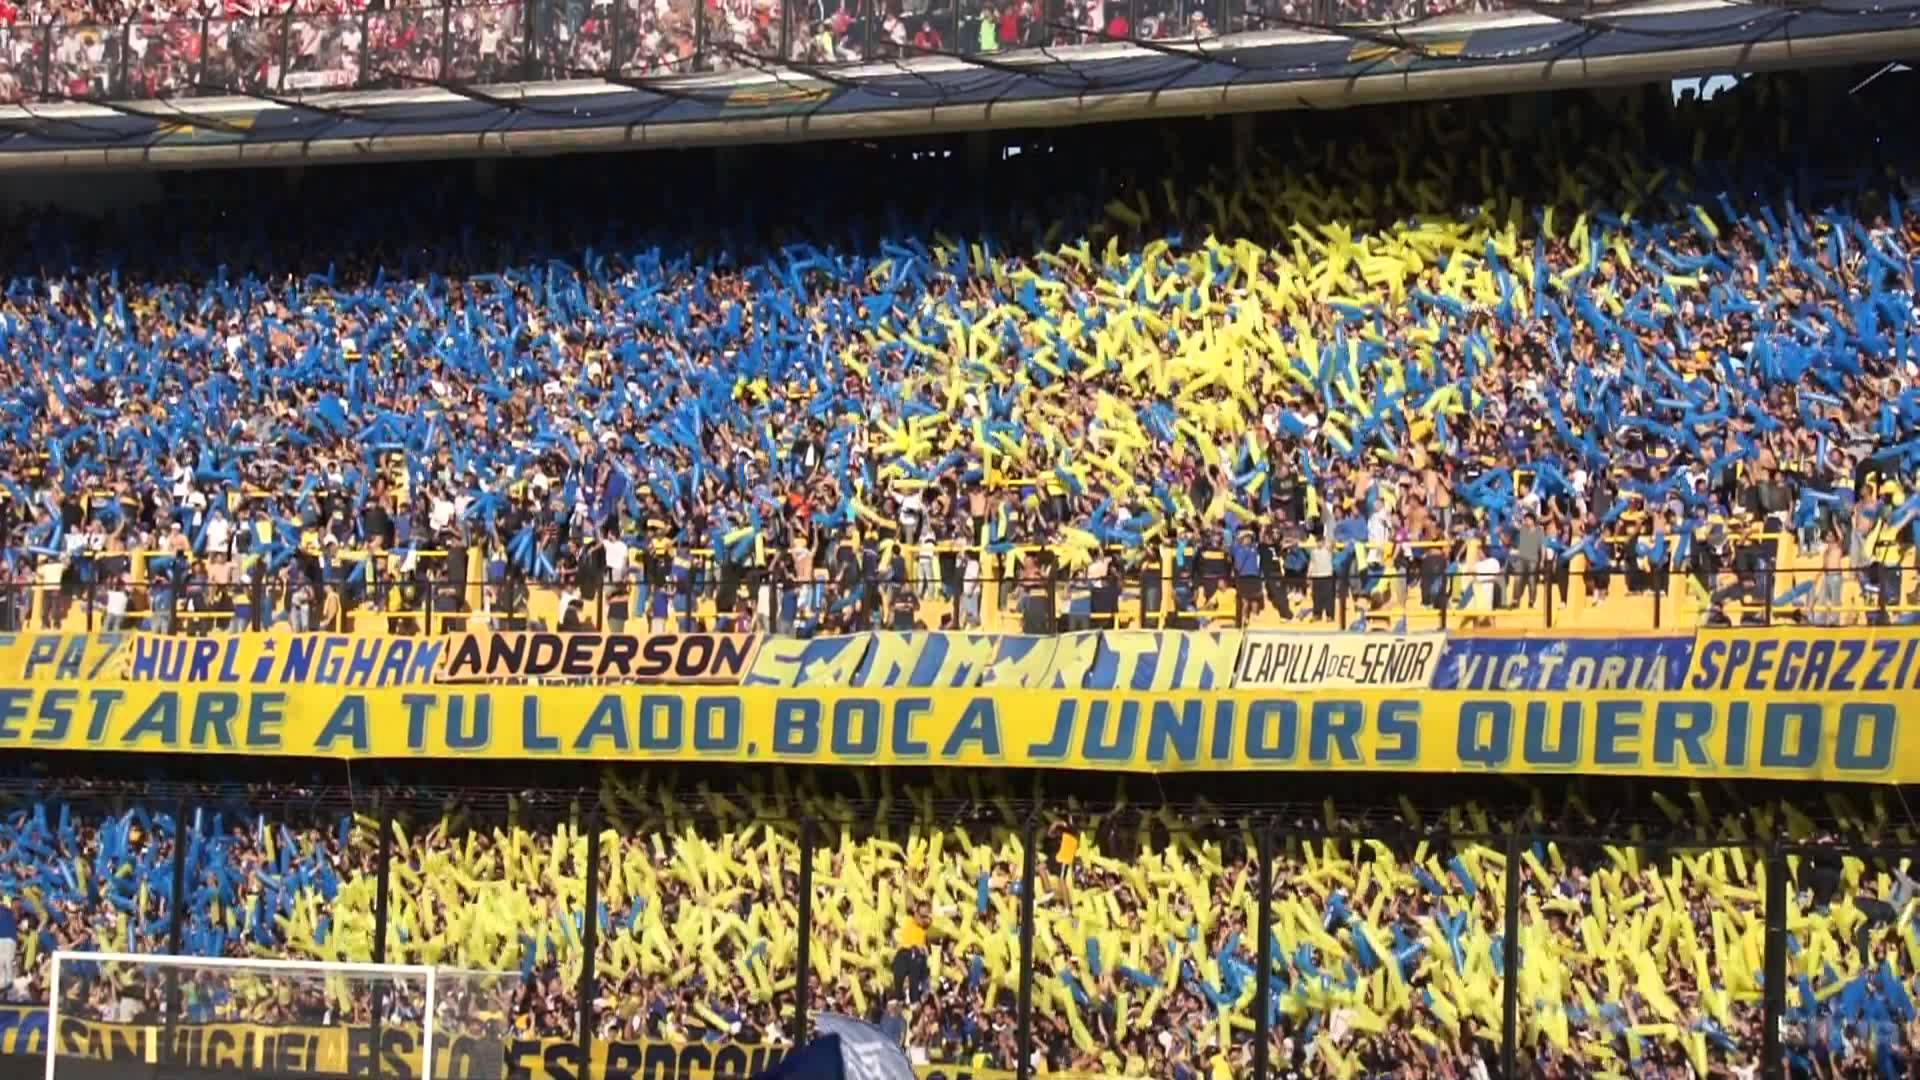 Canzone de La 12 del Boca Juniors, River decime que se